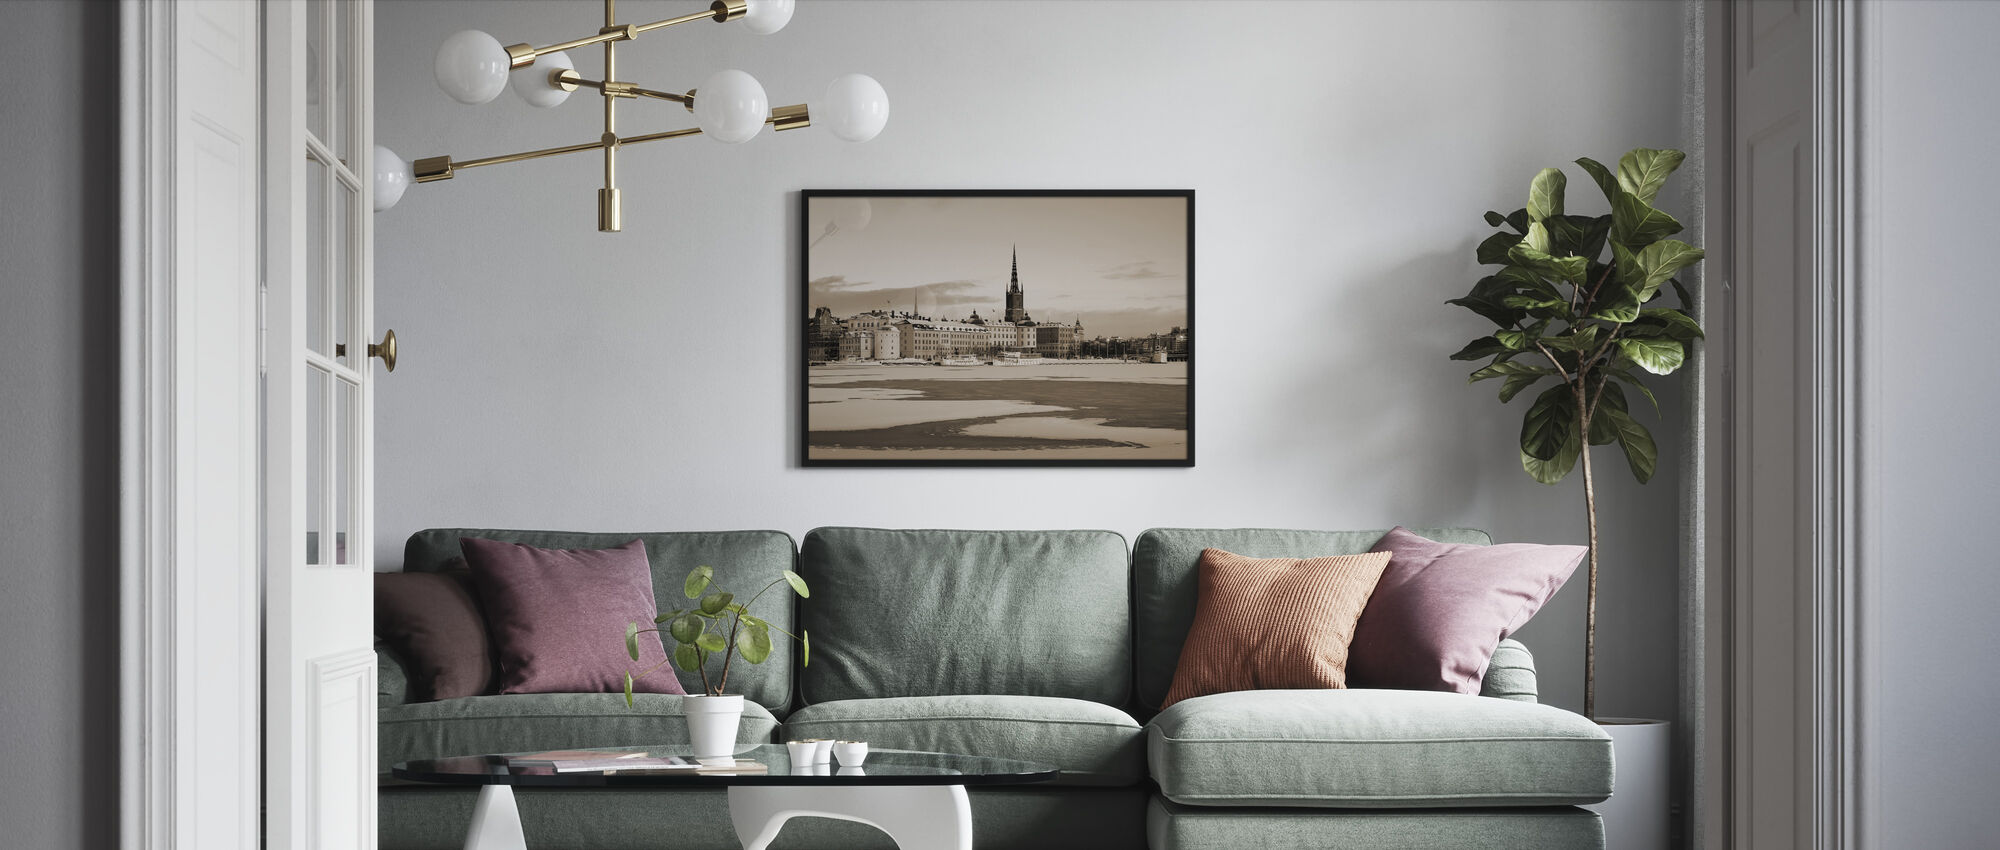 Winter in Stockholm, Sweden - Framed print - Living Room